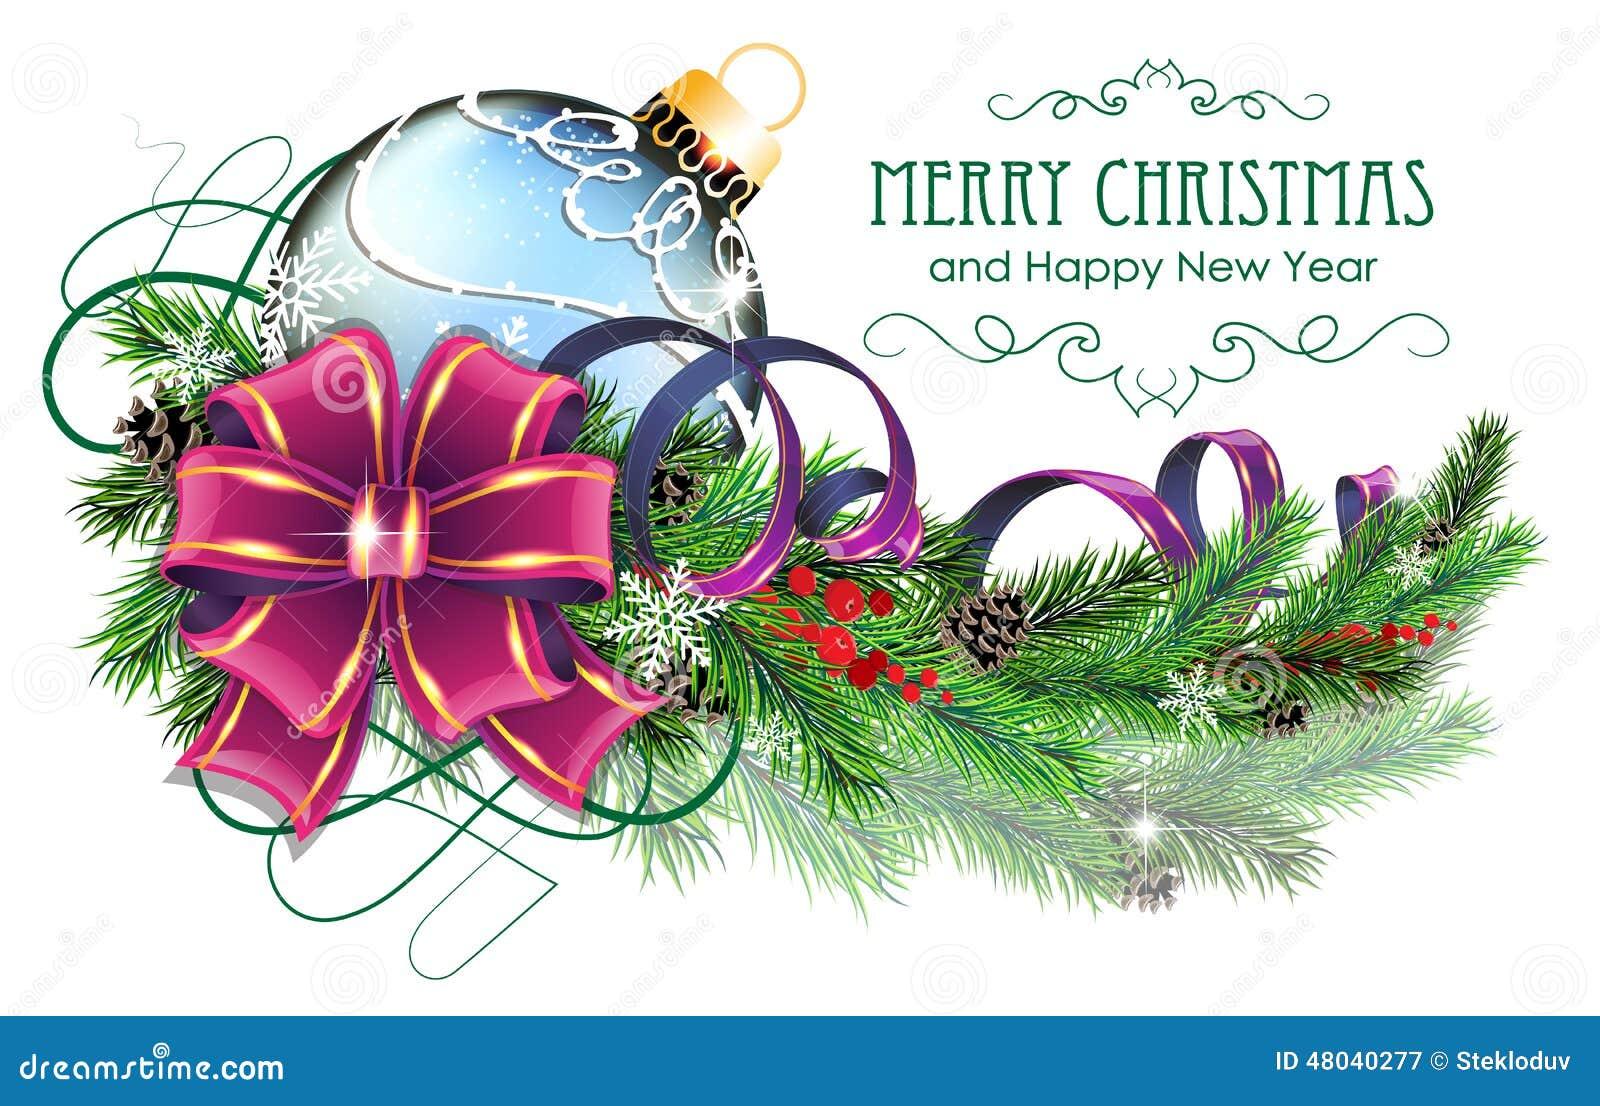 Blauer Weihnachtsball mit purpurrotem Bogen und Tannenzweigen